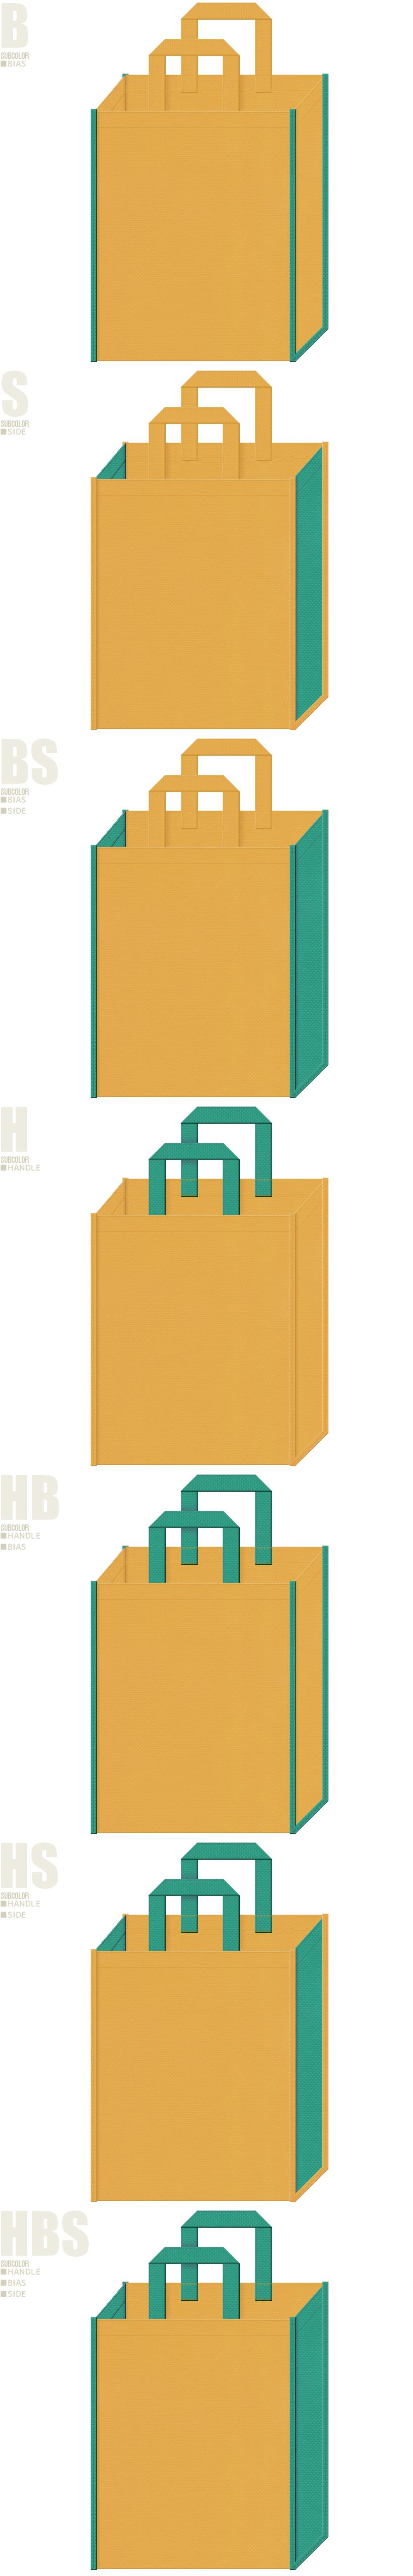 黄土色と青緑色、7パターンの不織布トートバッグ配色デザイン例。